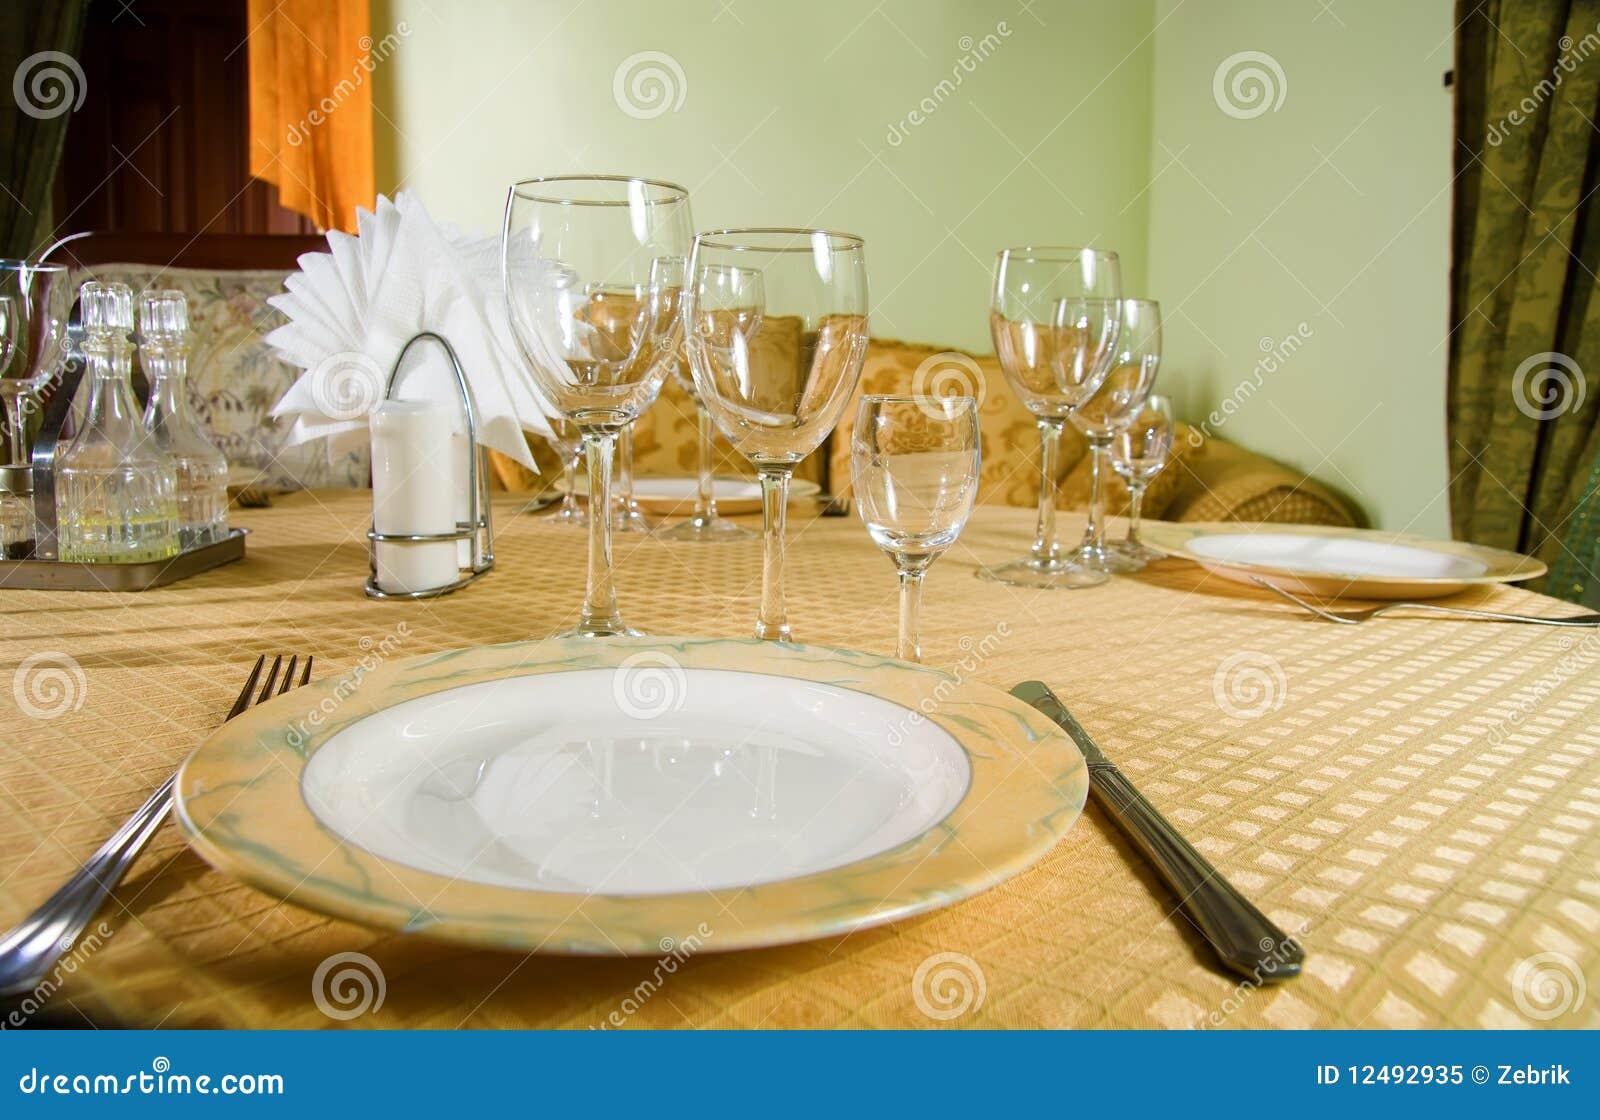 table de restaurant avec des couverts photo libre de. Black Bedroom Furniture Sets. Home Design Ideas